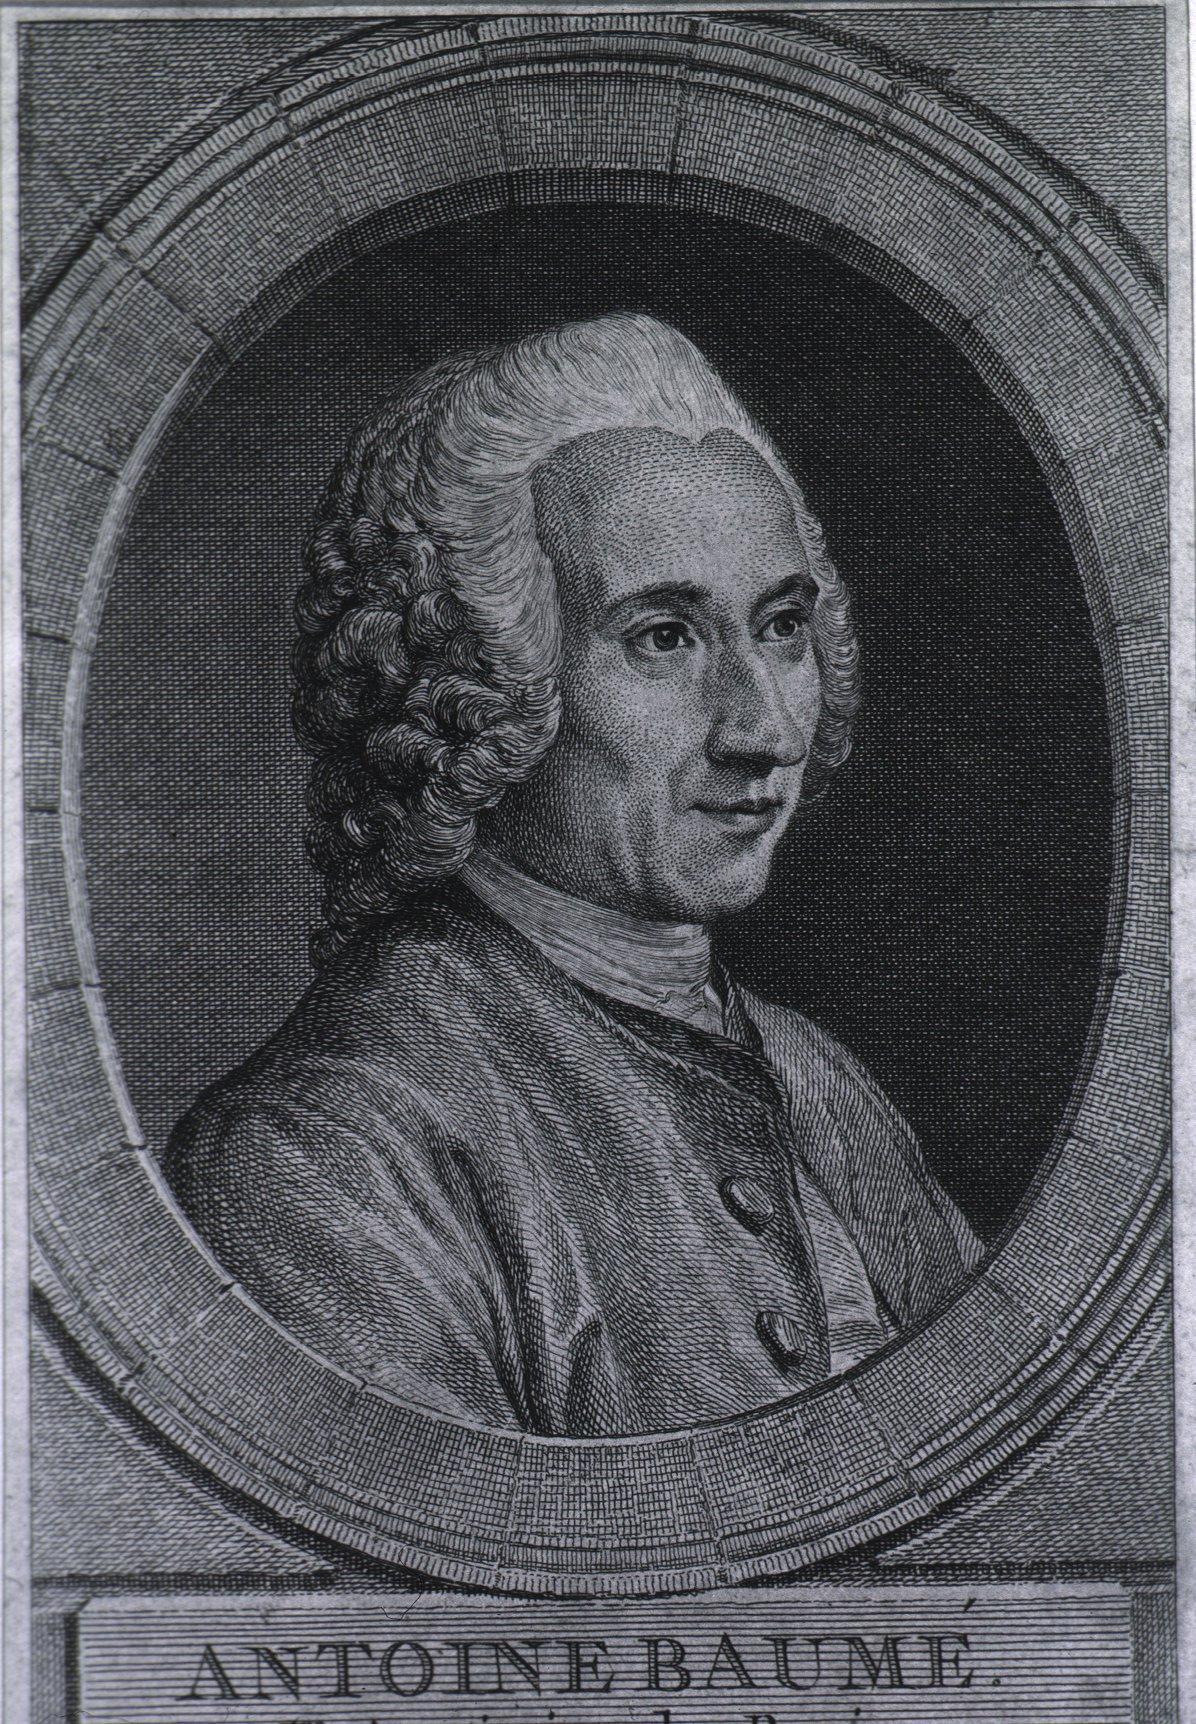 Antoine Baumé